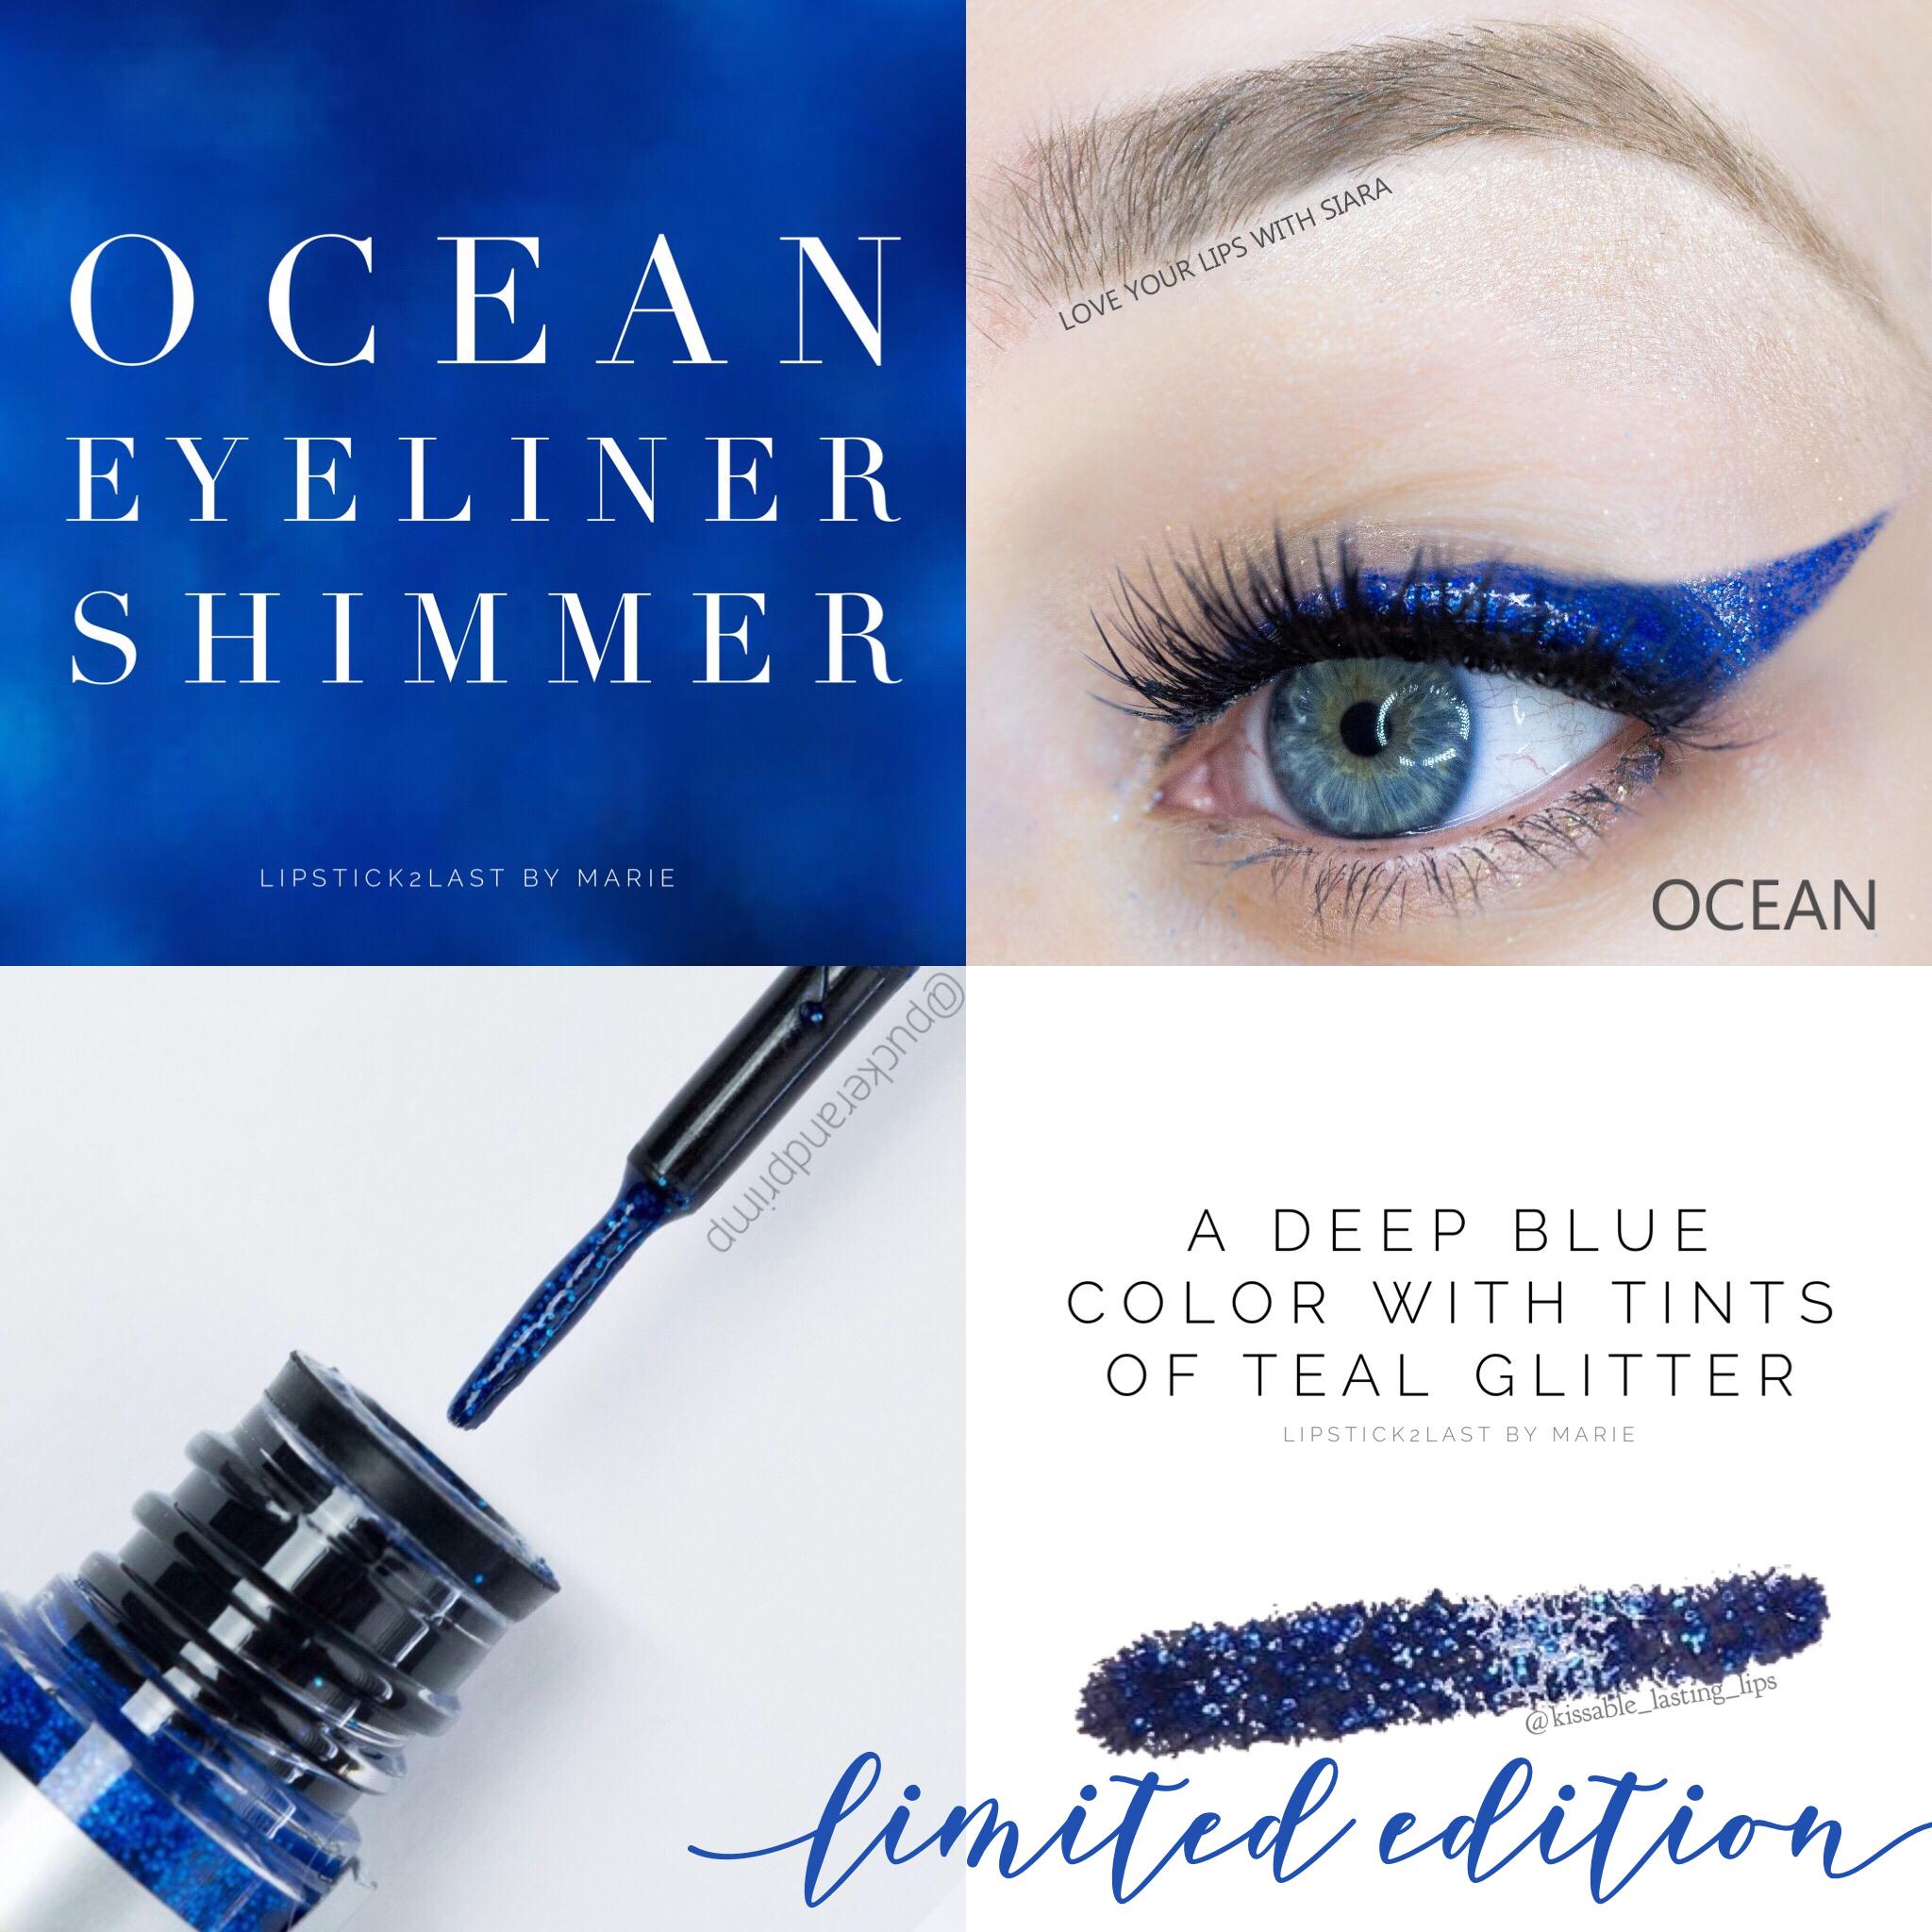 Ocean EyeSense Shimmer. Long lasting waterproof eyeliner